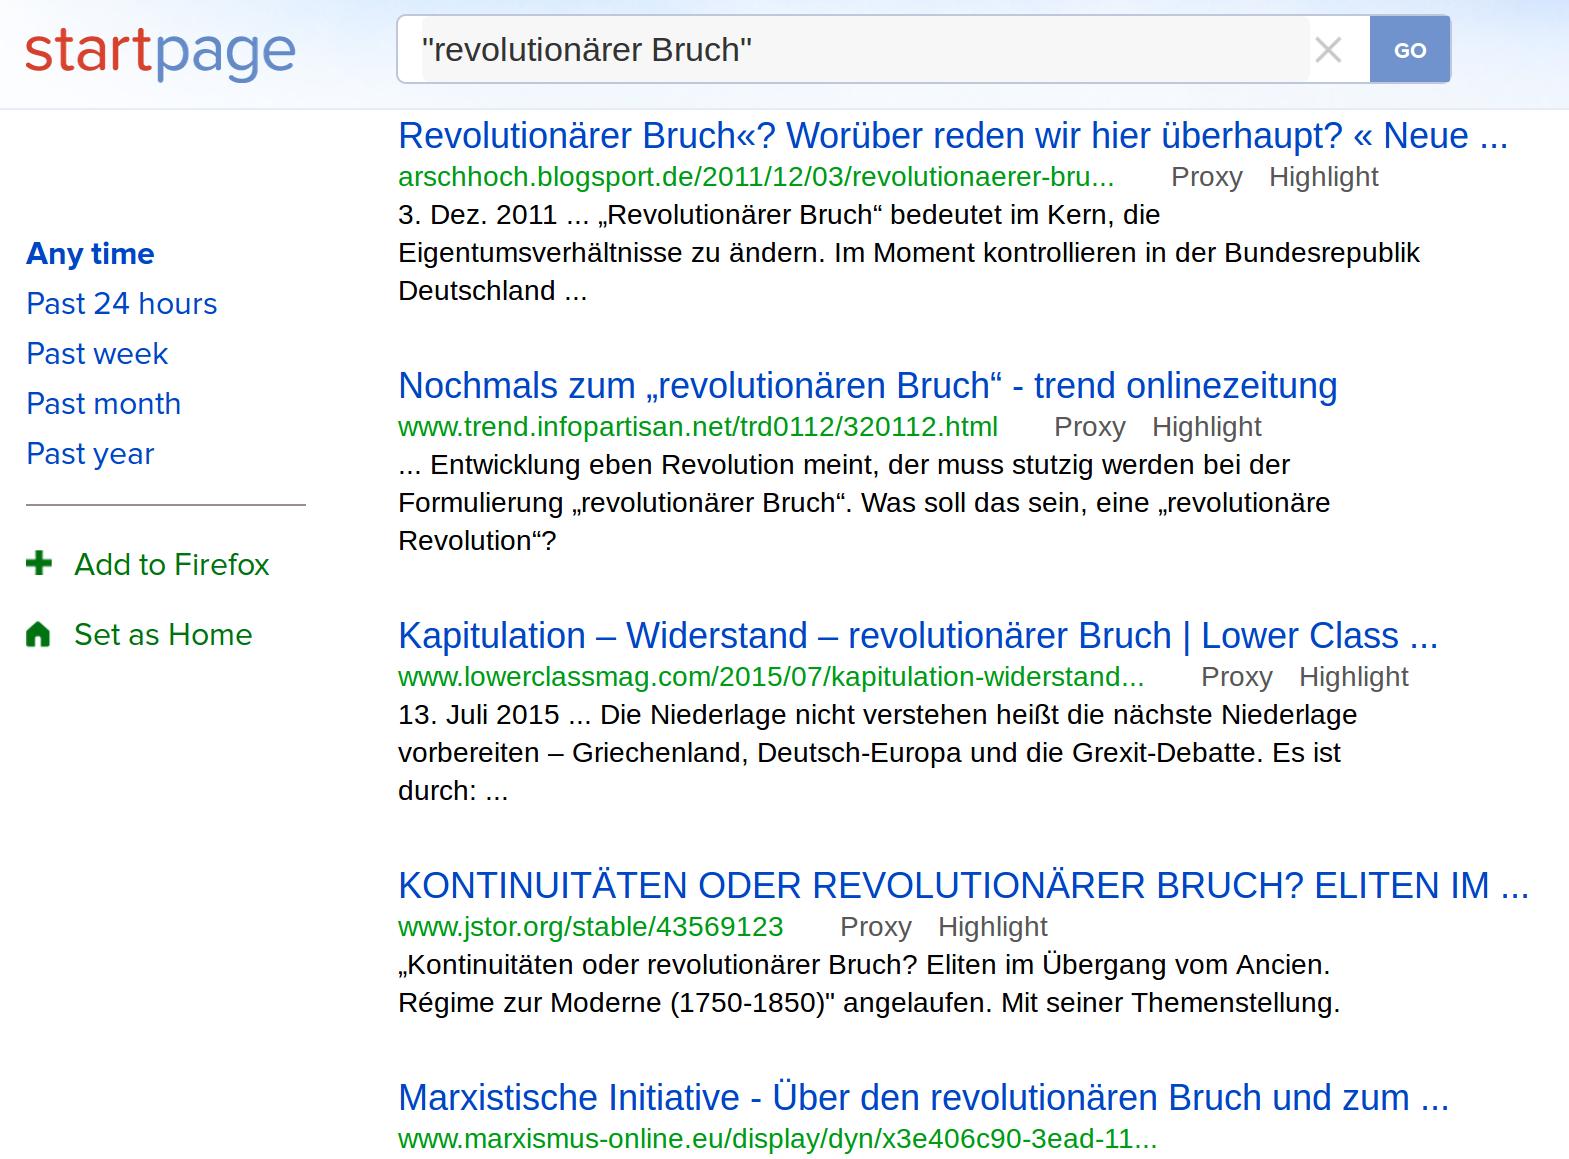 StartPage-Suche_Rev_Bruch